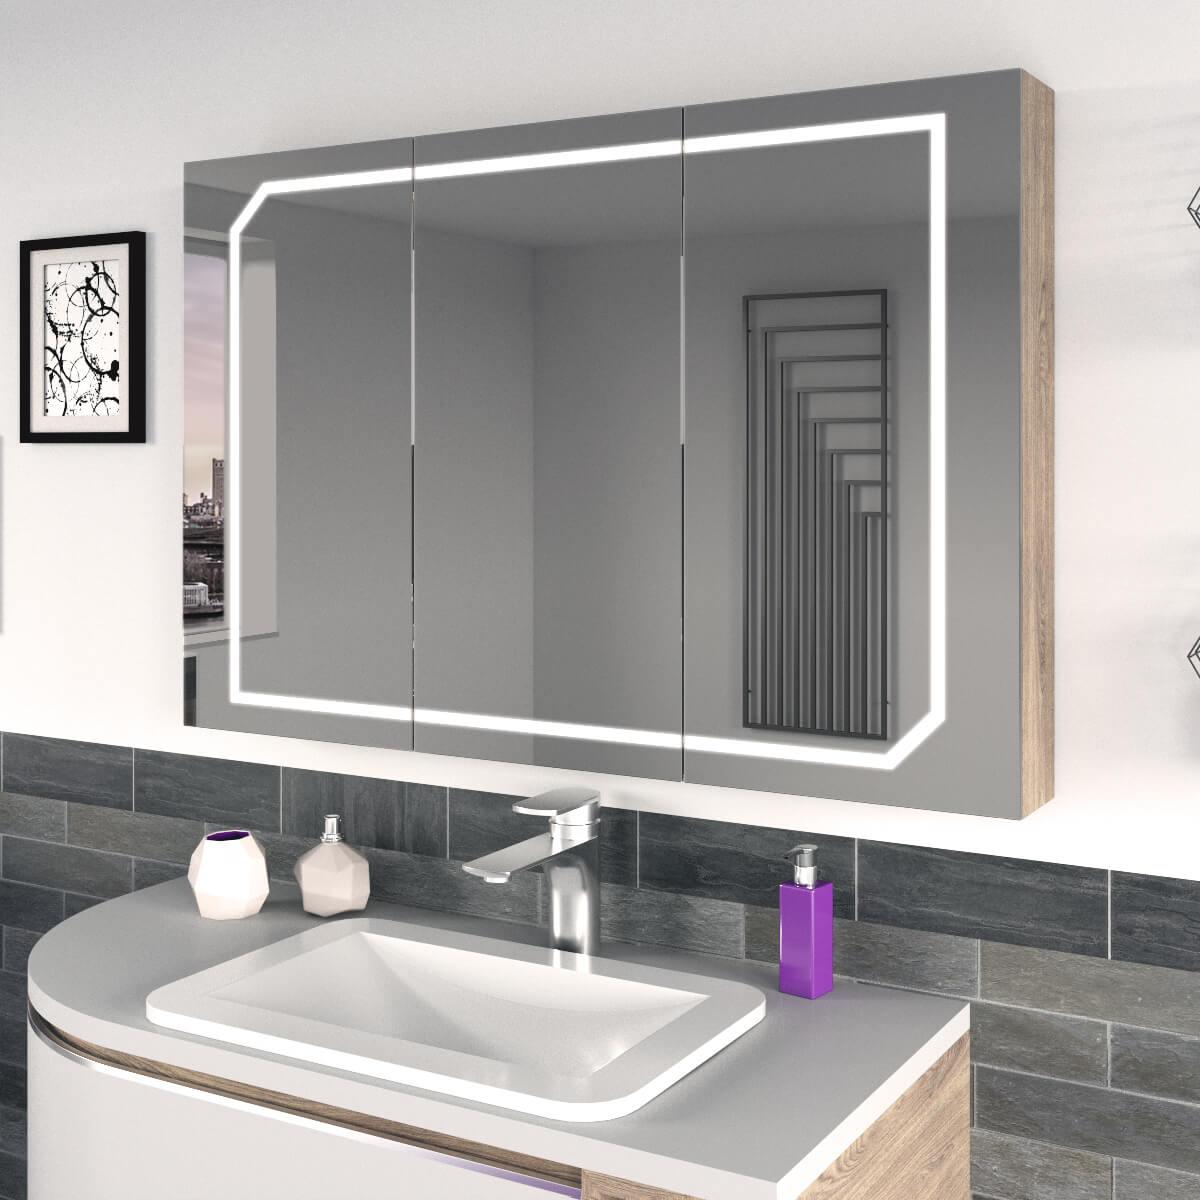 Spiegelschrank frs Badezimmer nach Ma Stoco 989706617